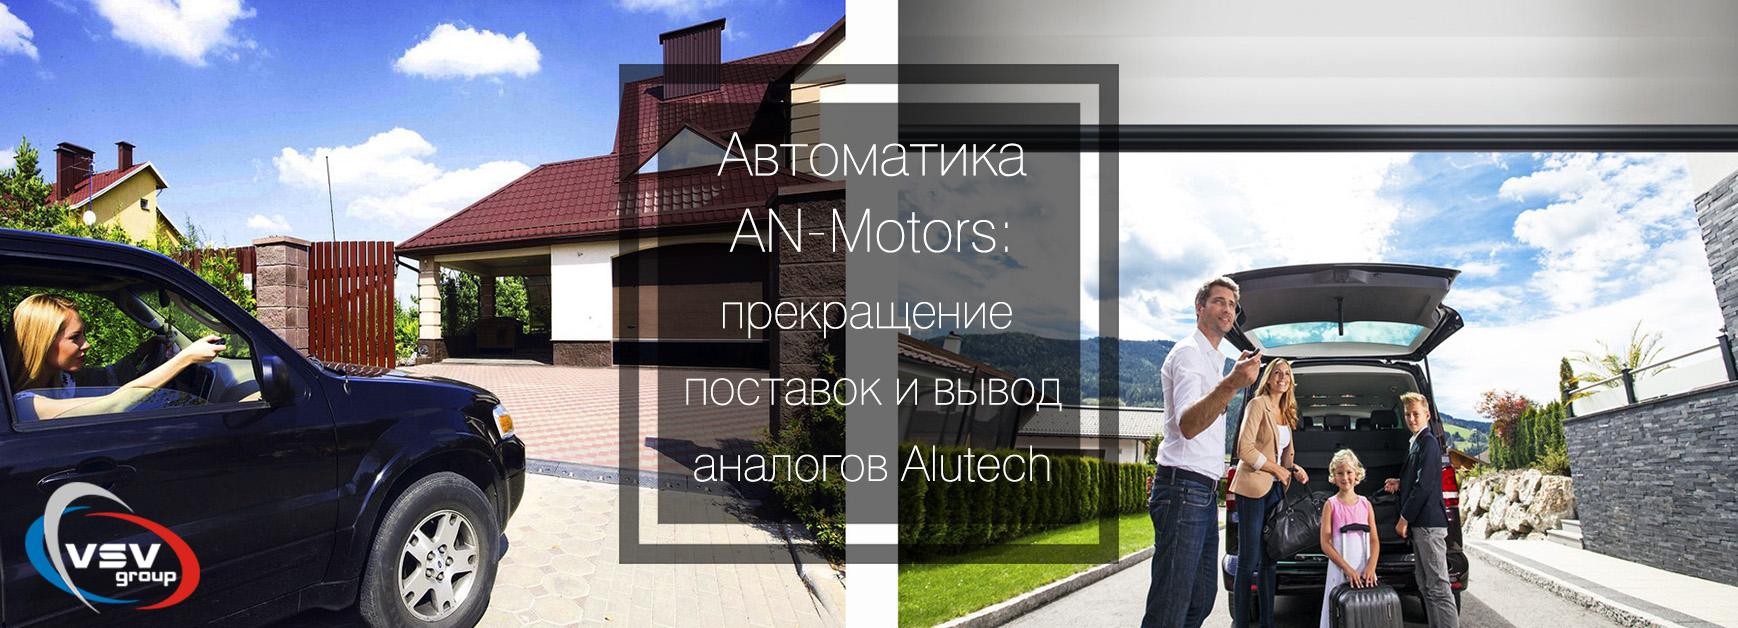 Прекращение продажи автоматики AN-Motors - фото - новость от компании ВСВ-Групп